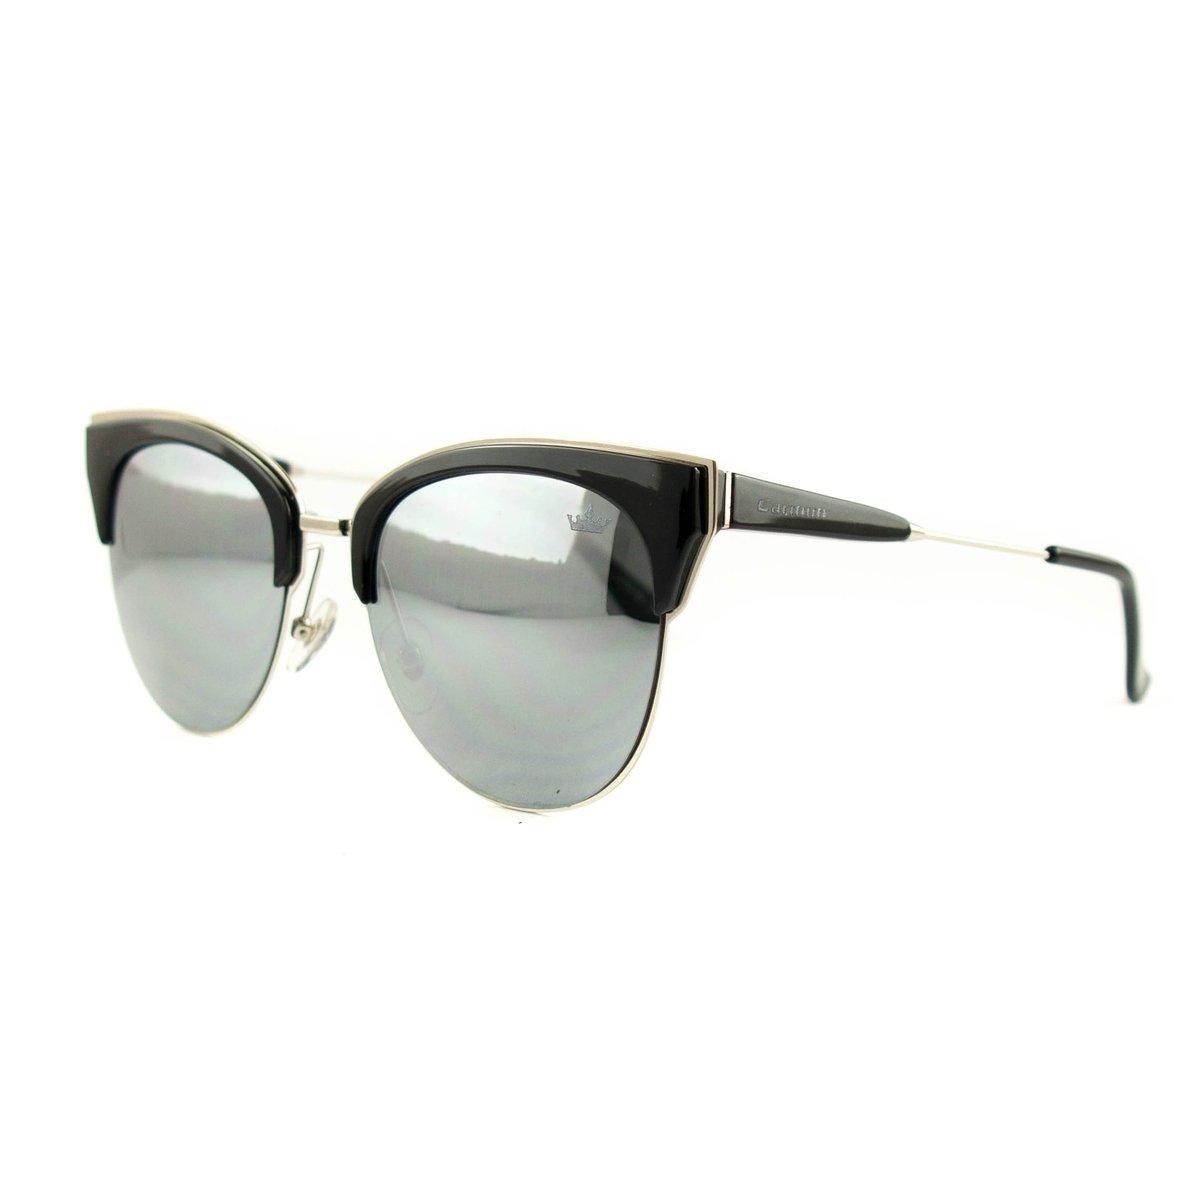 Óculos Carmim De Sol Espelhado - Compre Agora  b87c256dc43